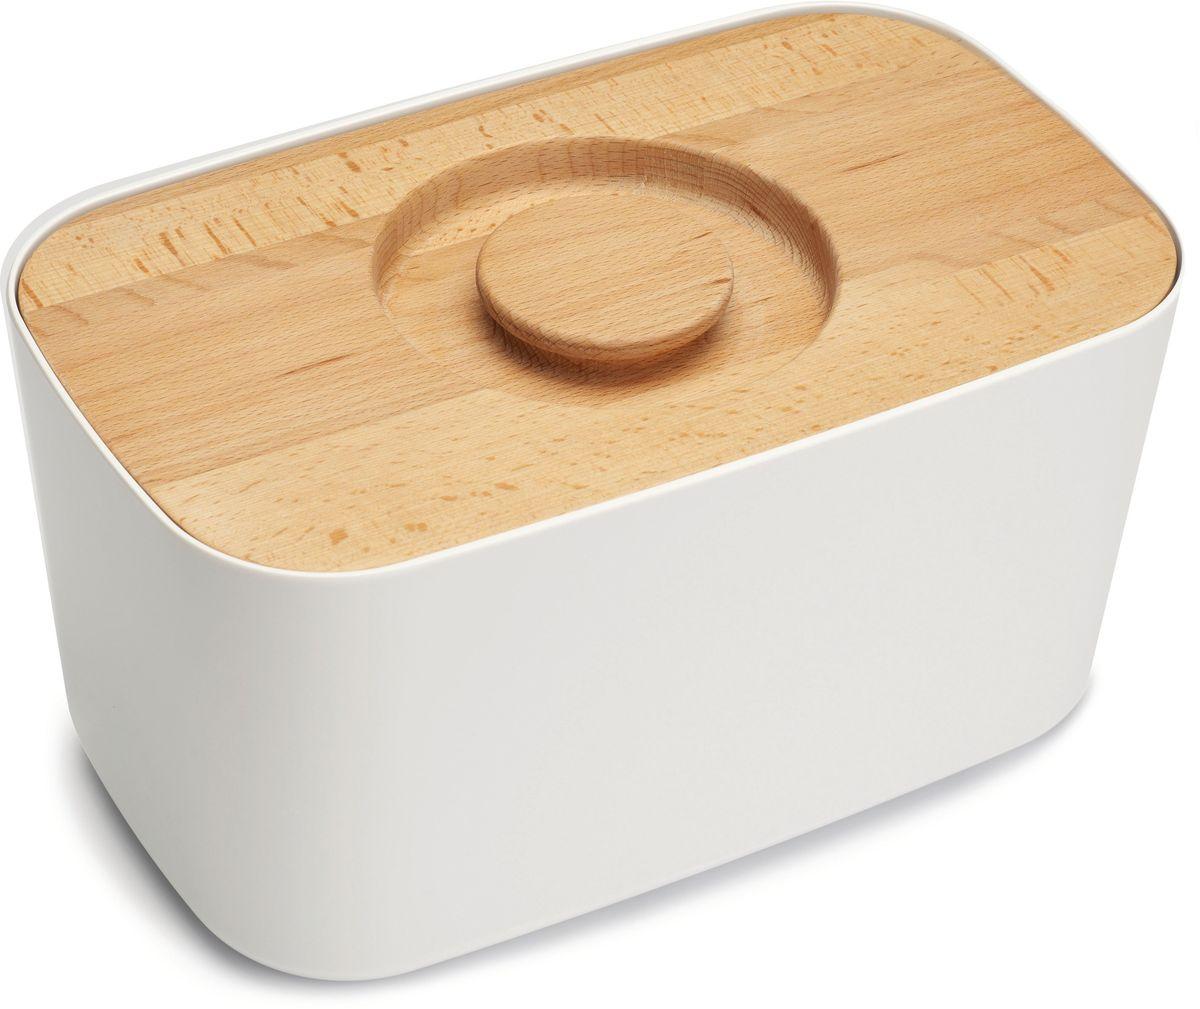 Хлебница Joseph Joseph , с разделочной доской. 8004180041Хлебница изготовлена из 100% меламина, а крышка – из высококачественного натурального дерева. Благодаря материалу, из которого изготовлена хлебница, батоны и багеты подолгу остаются свежими и не впитывают в себя посторонние запахи. Кроме того, такую хлебницу очень легко мыть, а сам материал исключает появление трещин и царапин на поверхности изделия. Крышку можно также использовать как доску для резки – эта удобная задумка помогает сэкономить пространство на кухне. Специальные углубления внутри доски не позволят хлебным крошкам высыпаться на рабочую поверхность. Основу можно мыть в посудомоечной машине. Для крышки рекомендовано только ручное мытье и сушка.